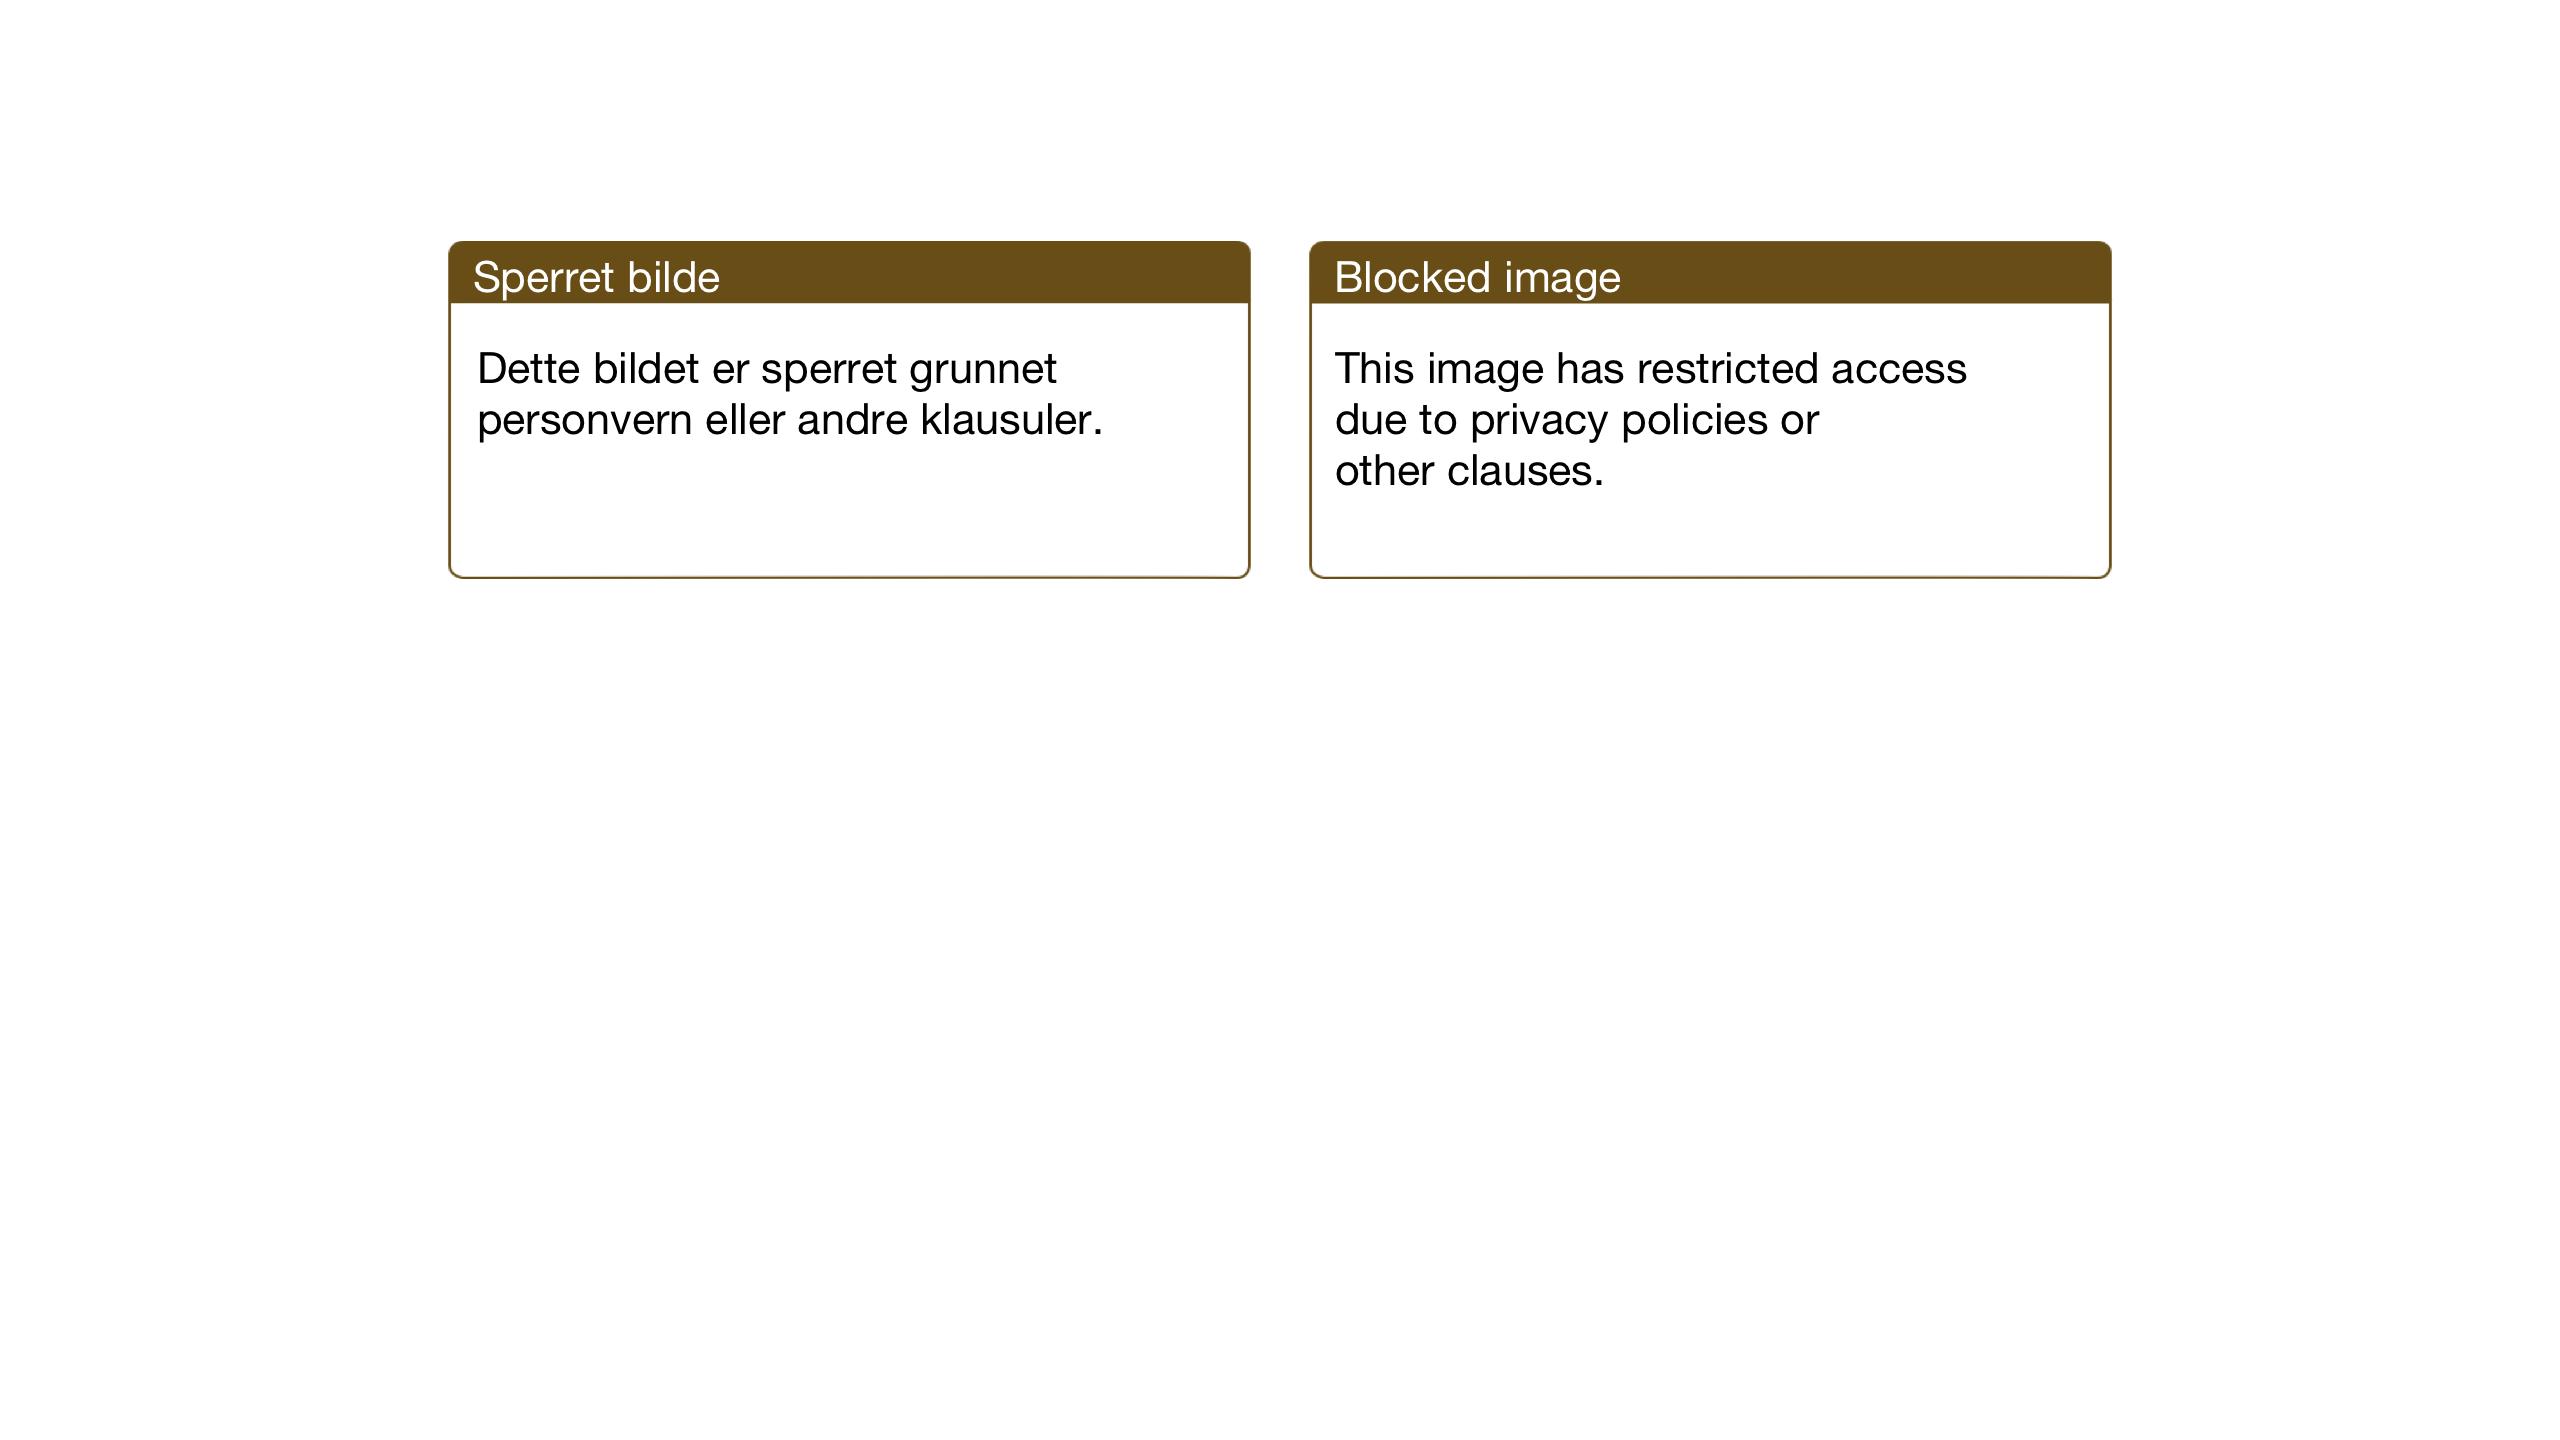 SAT, Ministerialprotokoller, klokkerbøker og fødselsregistre - Nord-Trøndelag, 733/L0328: Klokkerbok nr. 733C03, 1919-1966, s. 103